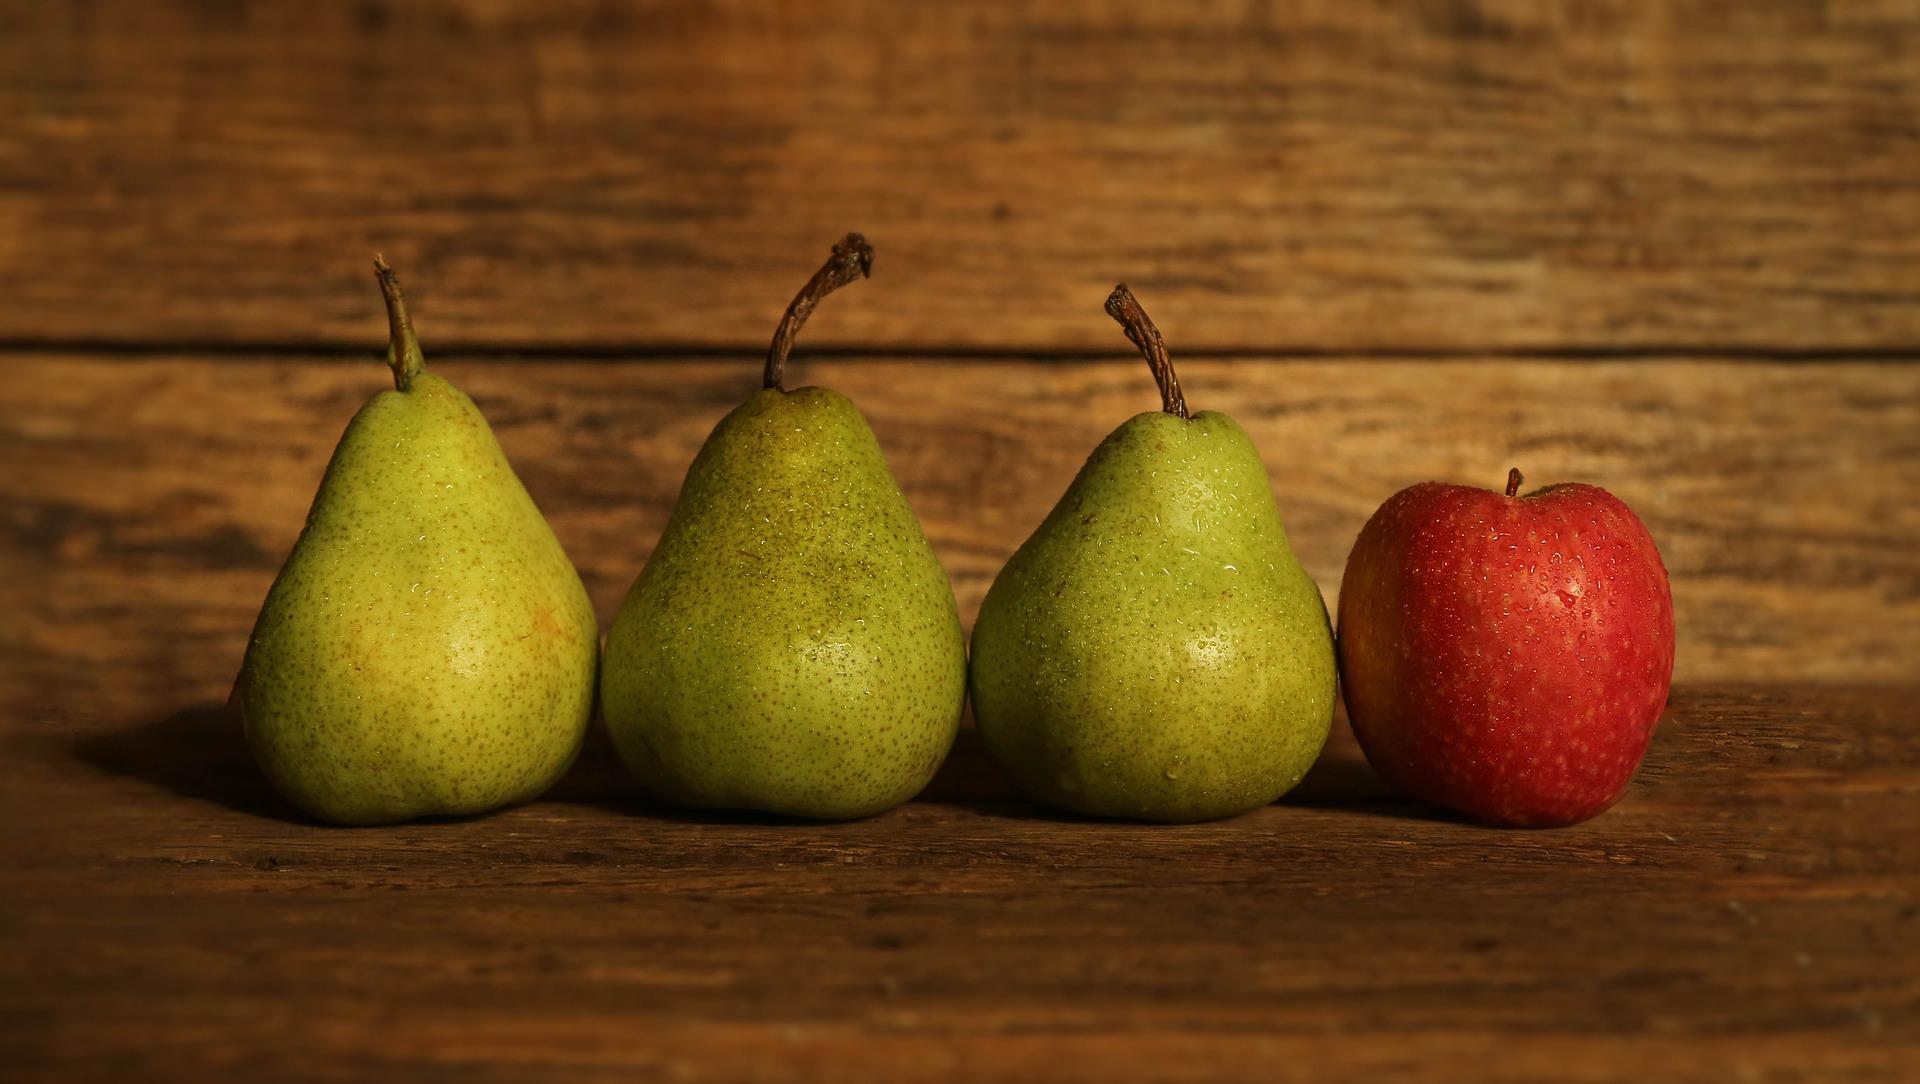 fruit-2637058_1920.jpg